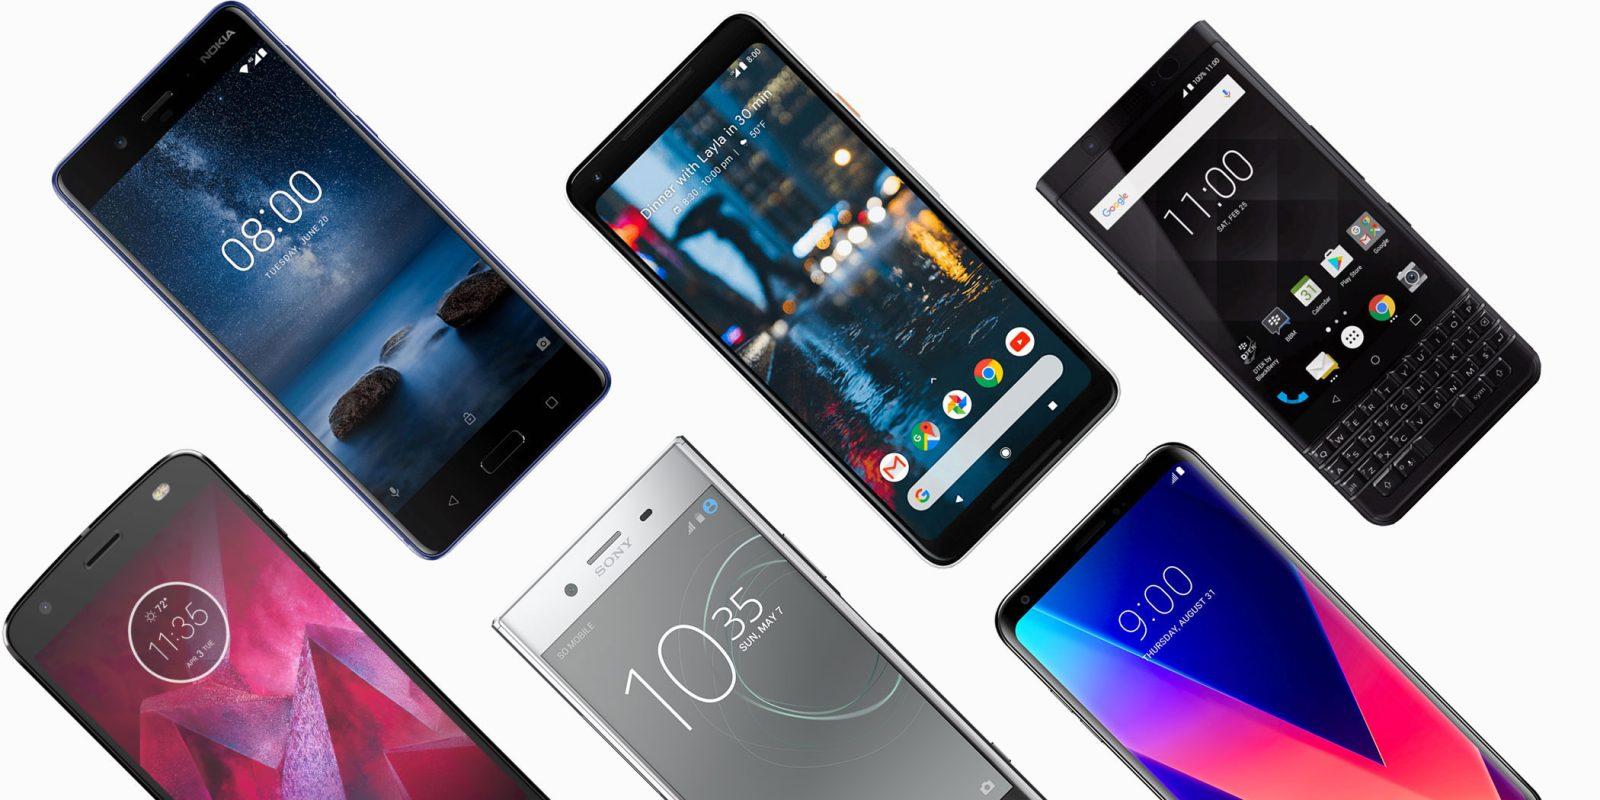 ۱۷ گوشی جدید به گوشیهای کسب و کار توسط گوگل اضافه شدند